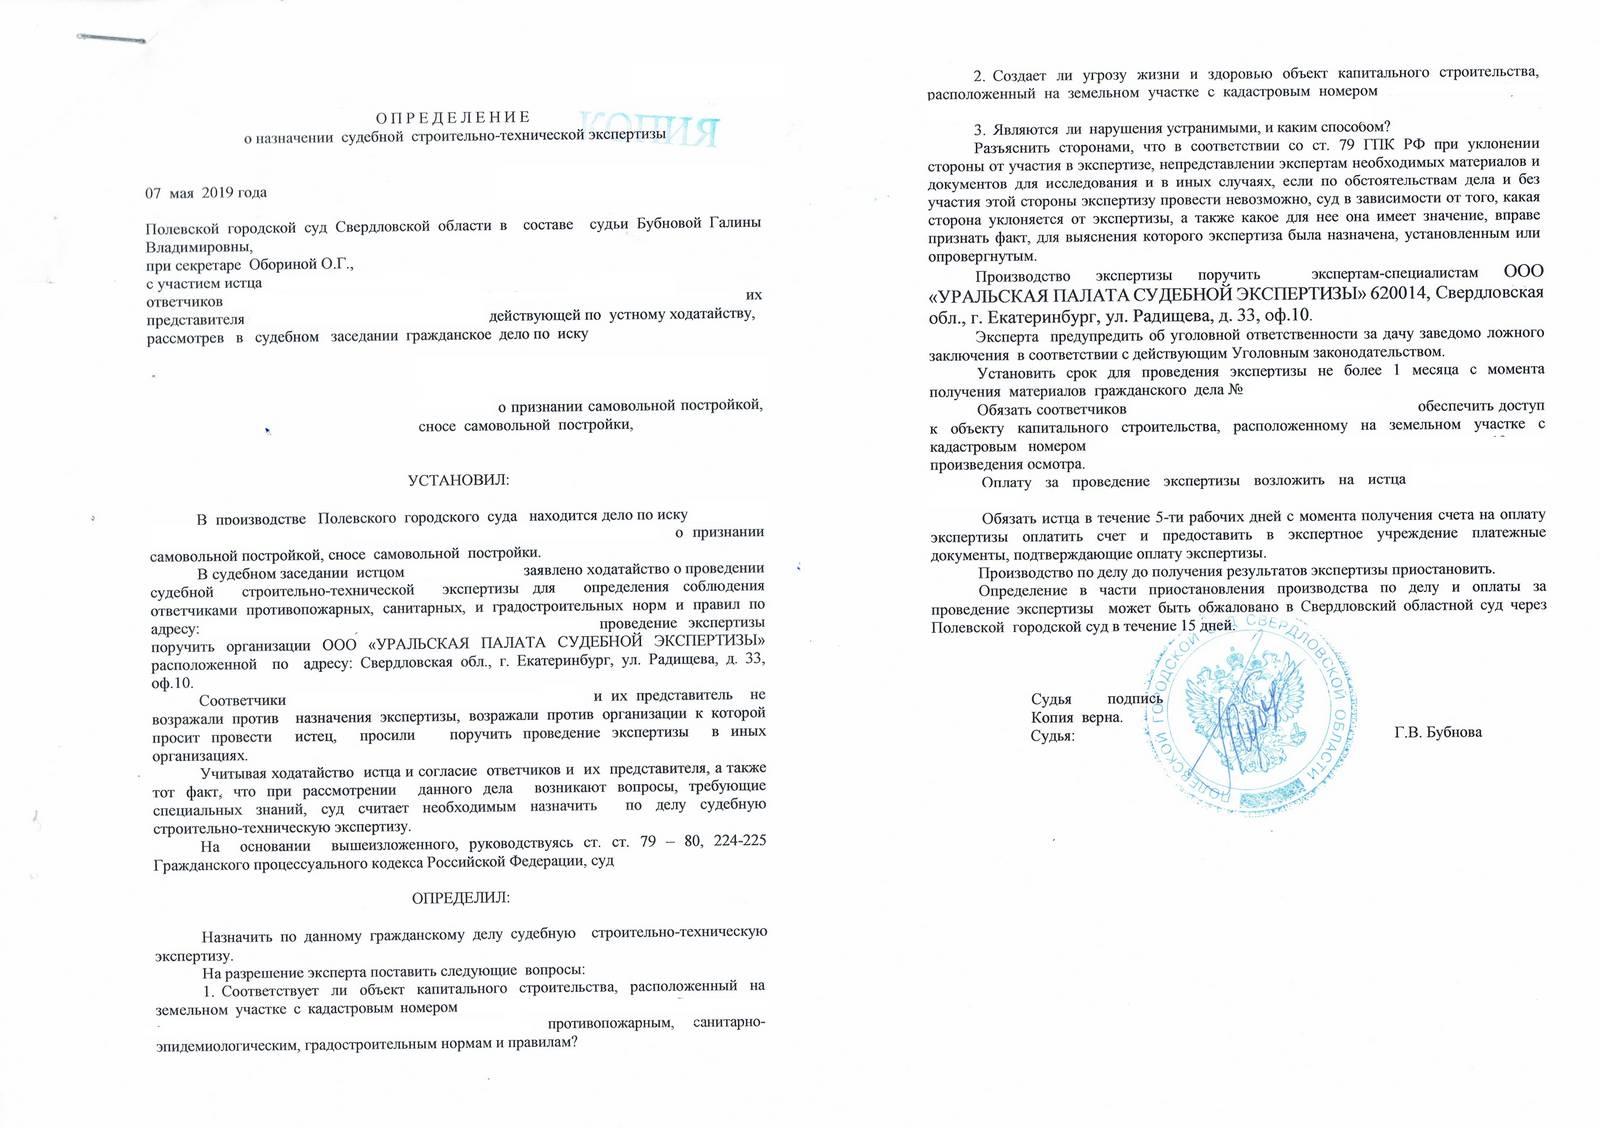 полевской суд (строительная экспертиза)